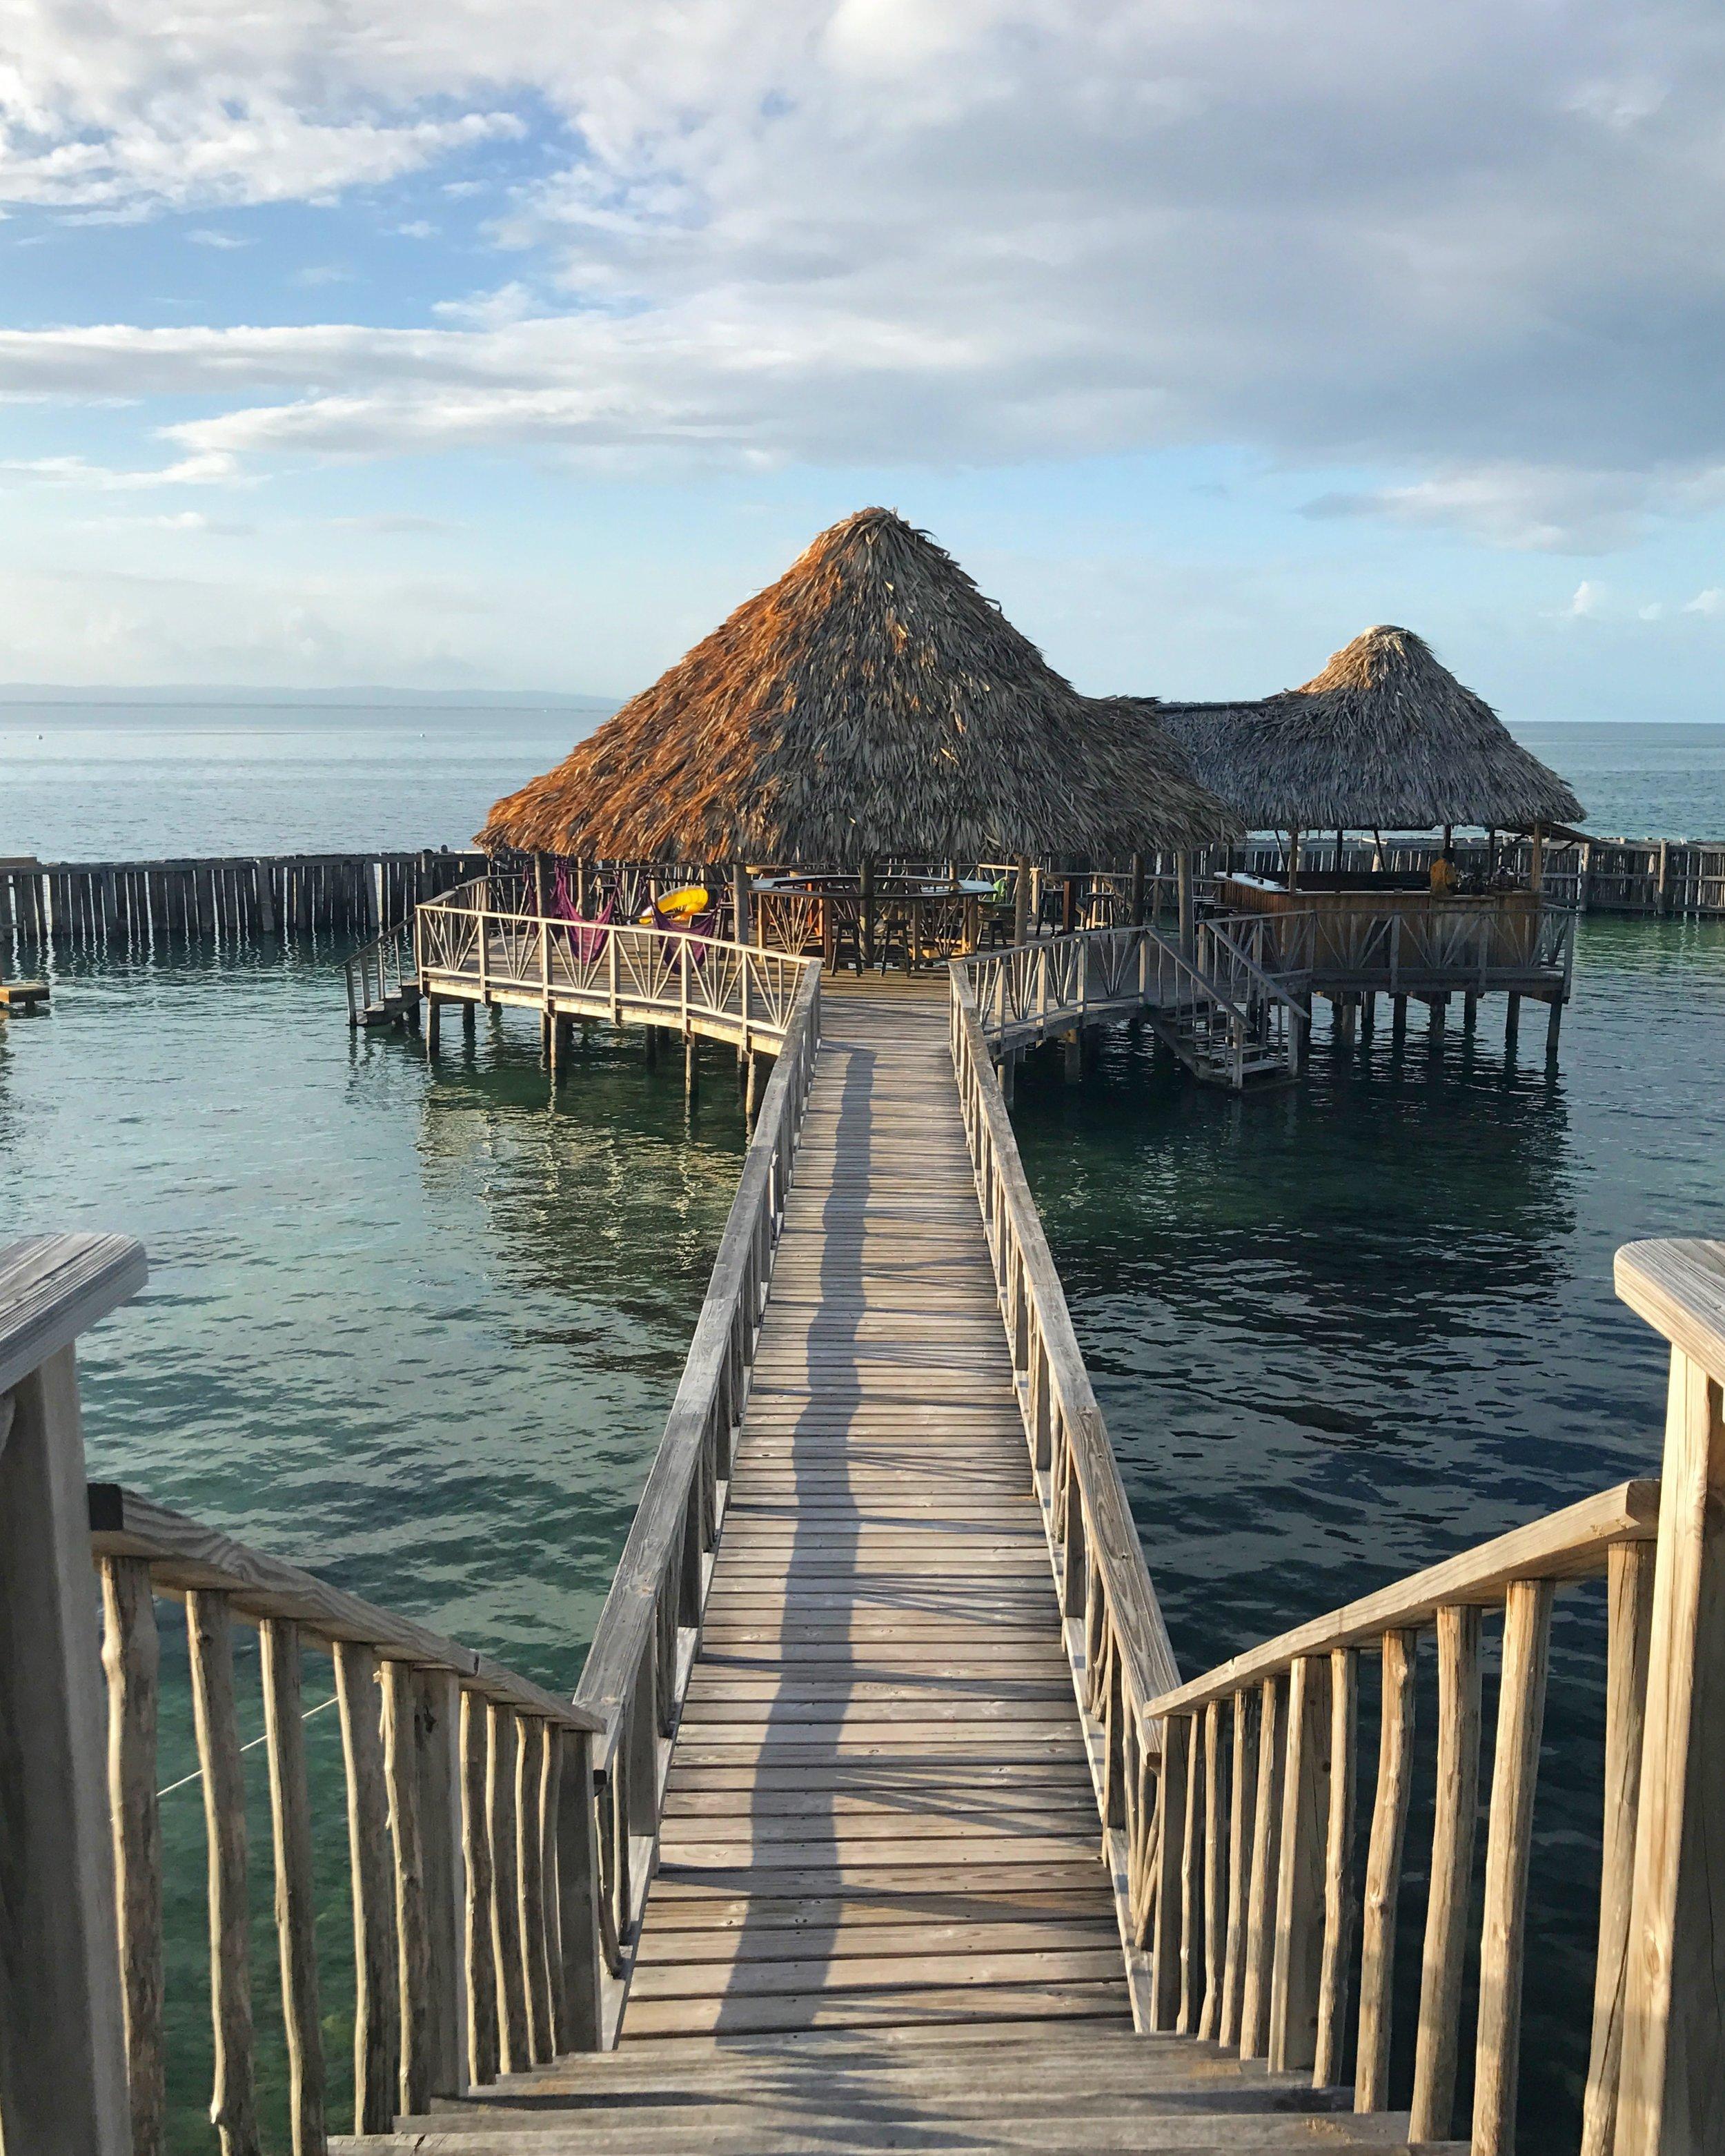 Belize - Si eres amante del mar, este es el destino que tienes que añadir en tu agenda. Con opciones de hospedajes muy baratas fuera de los hoteles, Belize es probablemente el destino más caribeño que en esencia puedas visitar de todo Centroamérica. El país y su identidad giran en torno al hermoso Mar Caribe que lo rodea. Aquí podrás hacer actividades con snorkeling y buceo por precios muy baratos. Evitar los puertos a donde llegan los cruceros te ahorrará hasta un 50% del costo de hospedajes, comida y actividades.